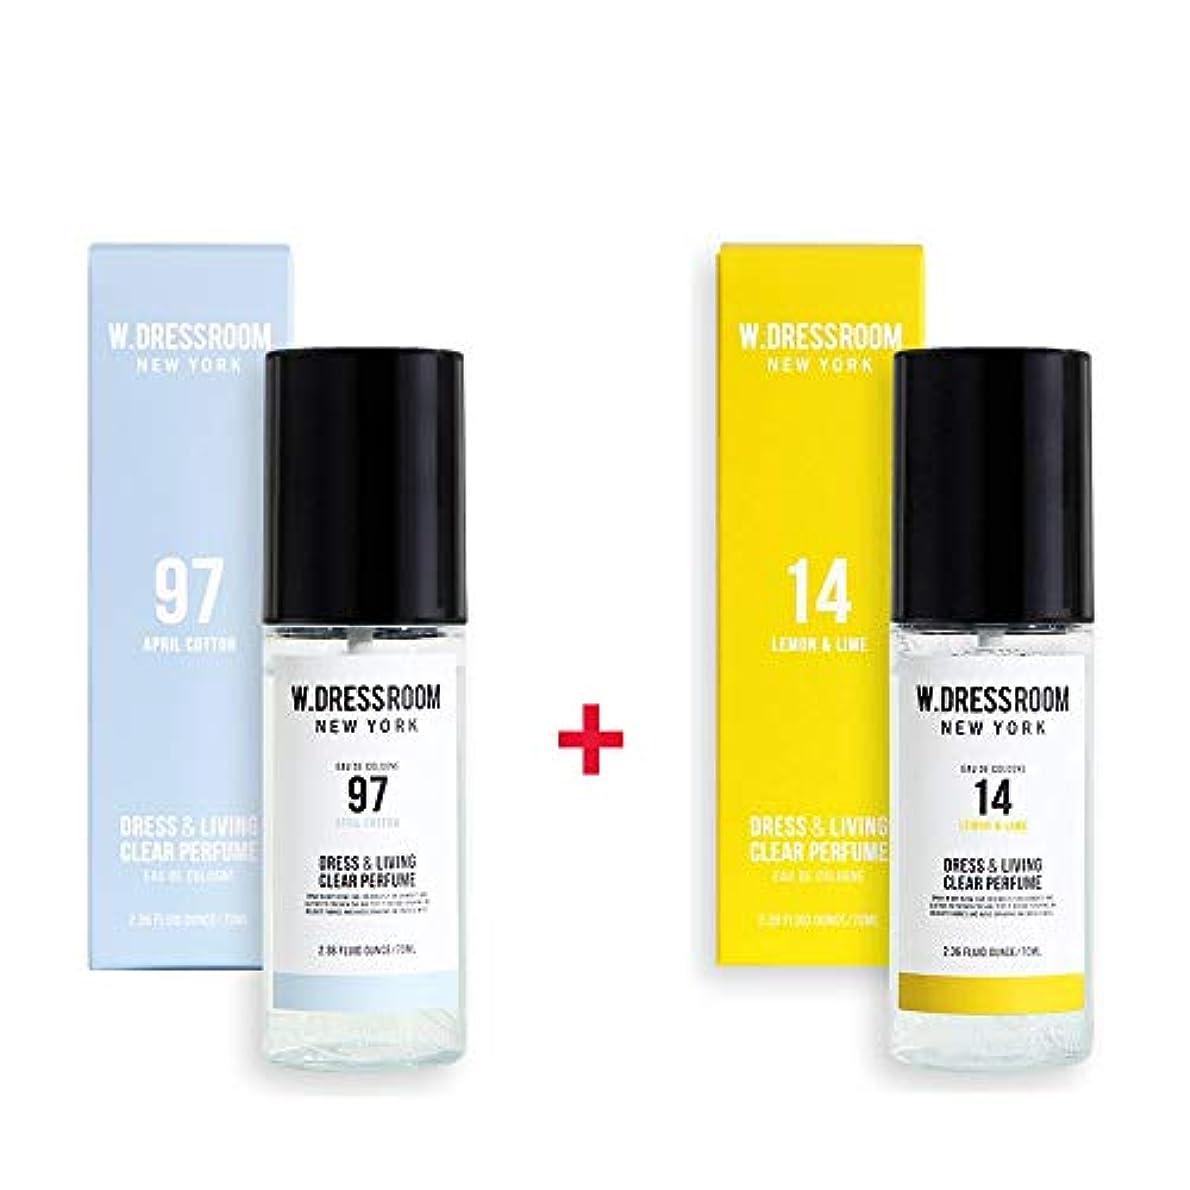 汚れる慎重すべきW.DRESSROOM Dress & Living Clear Perfume 70ml (No 97 April Cotton)+(No 14 Lemon & Lime)